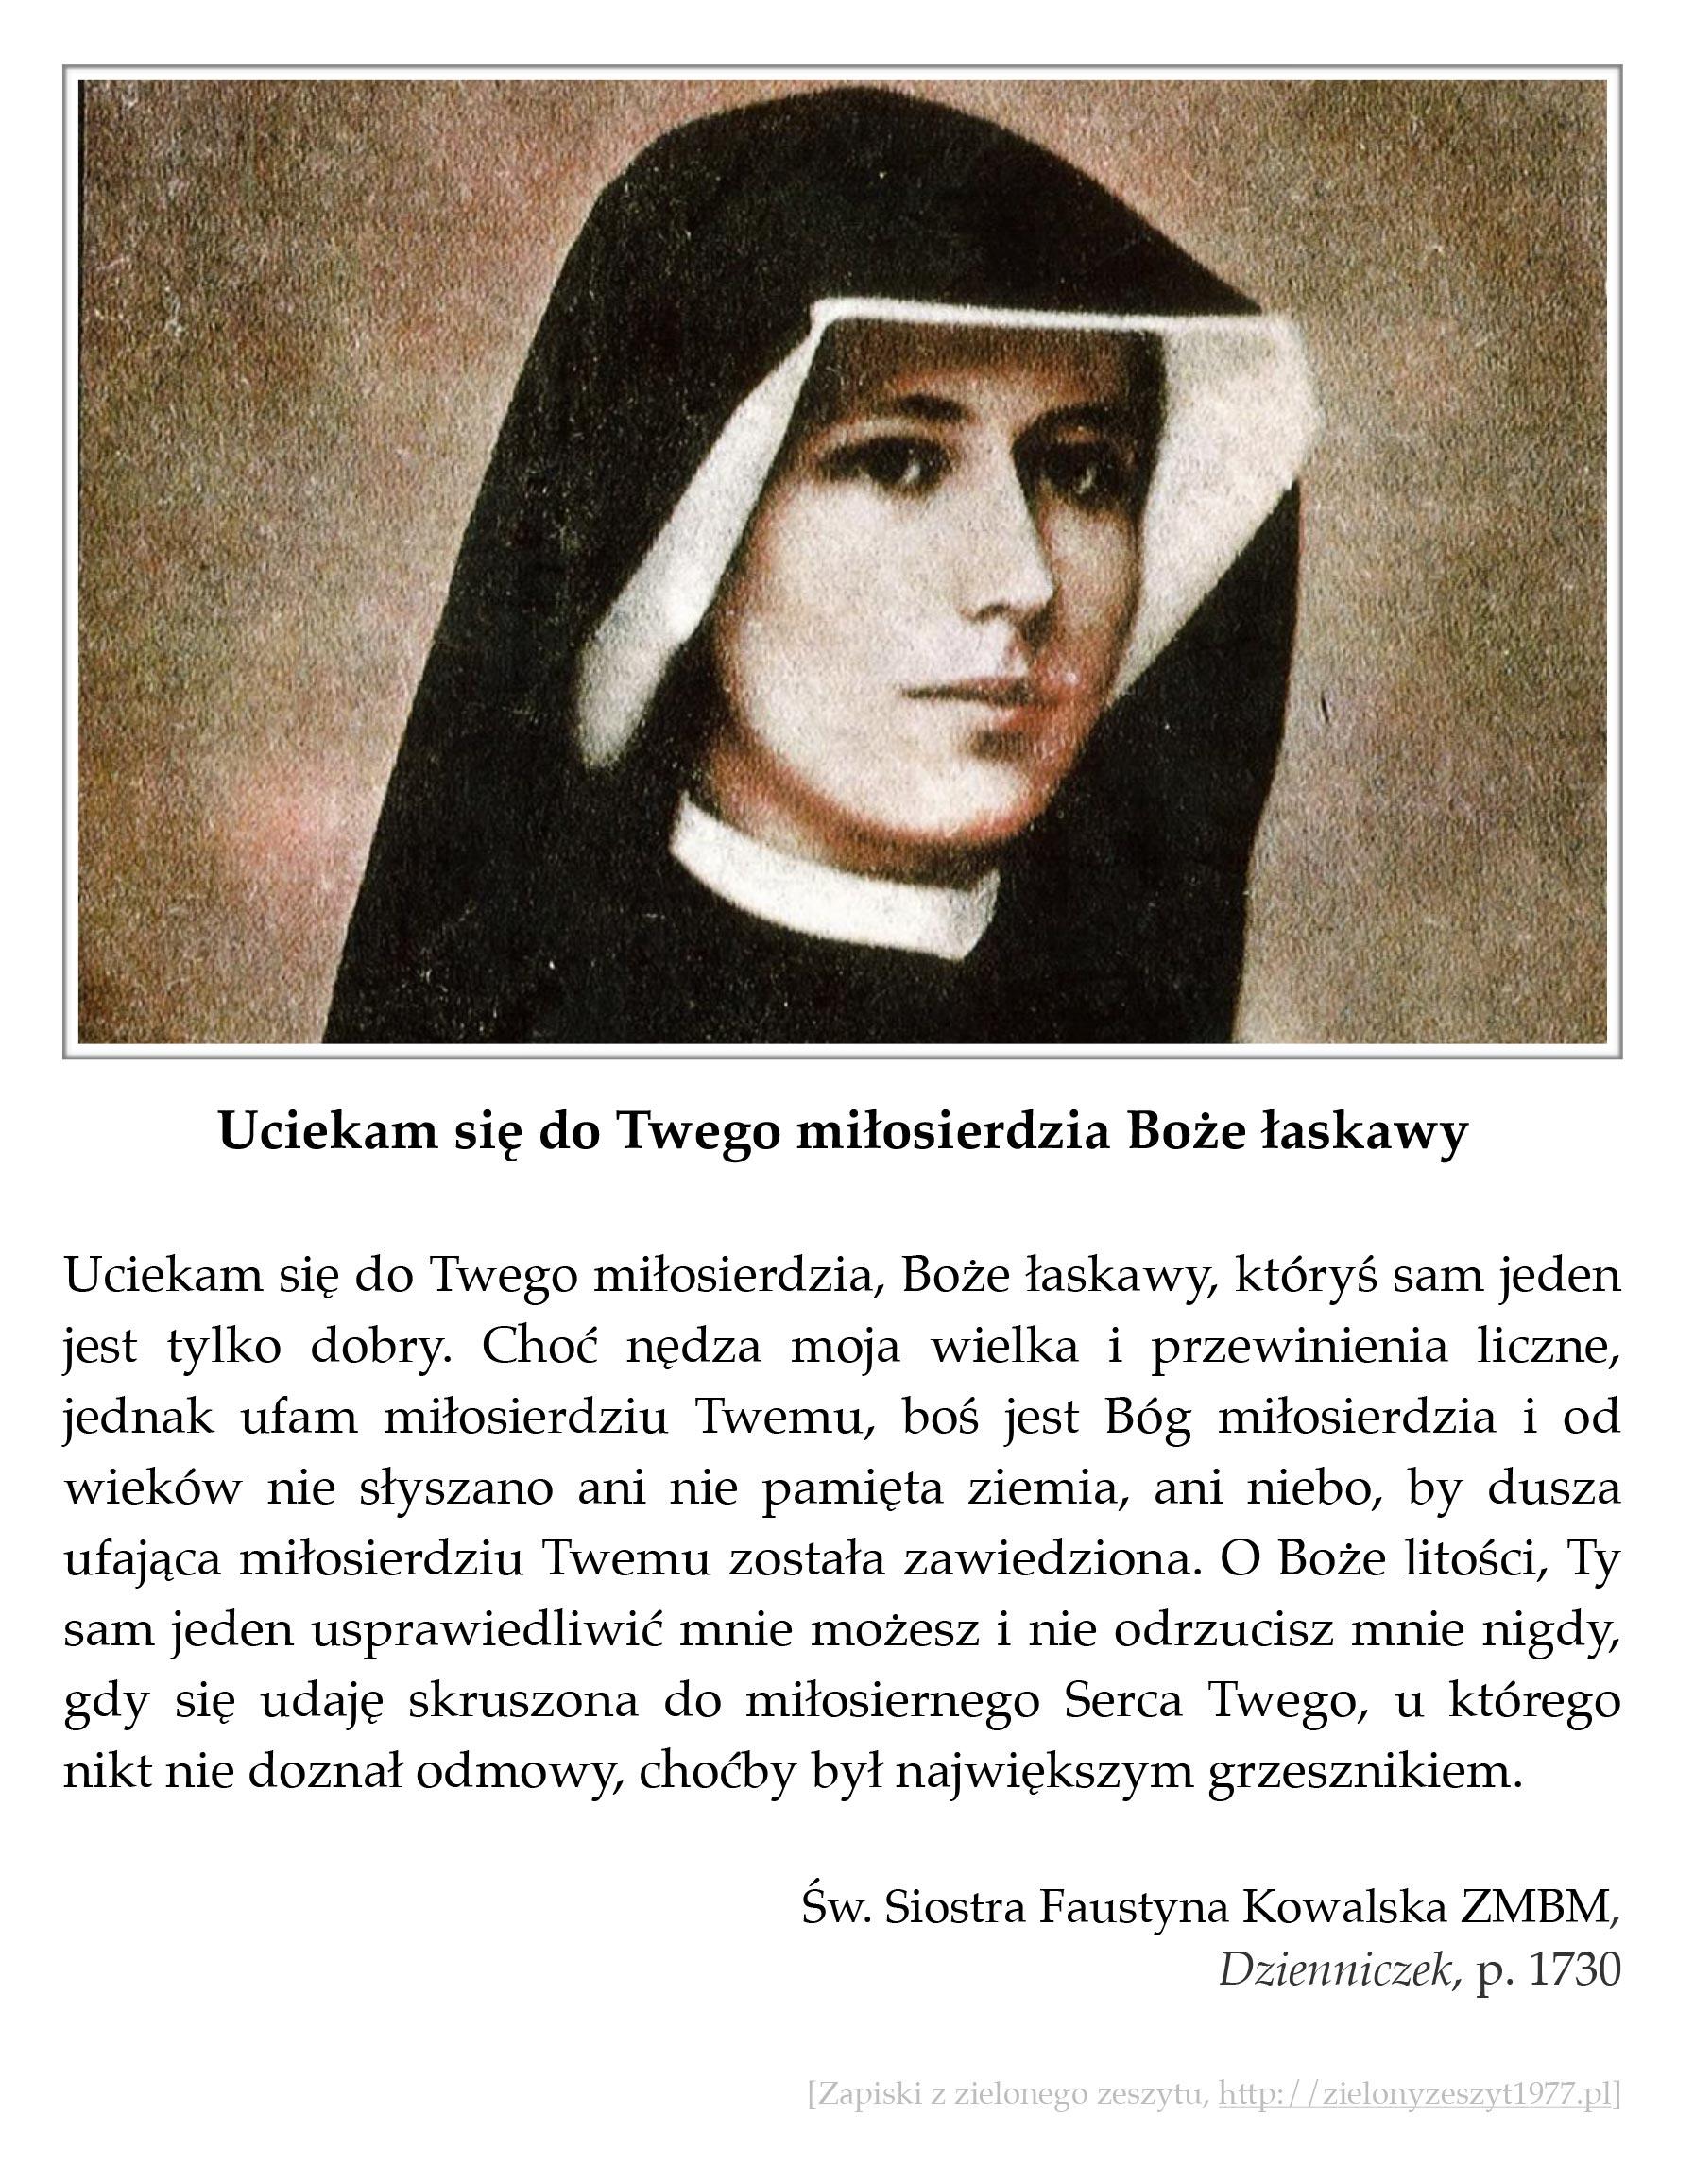 """Św. Siostra Faustyna Kowalska ZMBM, """"Dzienniczek"""", p. 1730 (Uciekam się do Twego miłosierdzia Boże łaskawy)"""